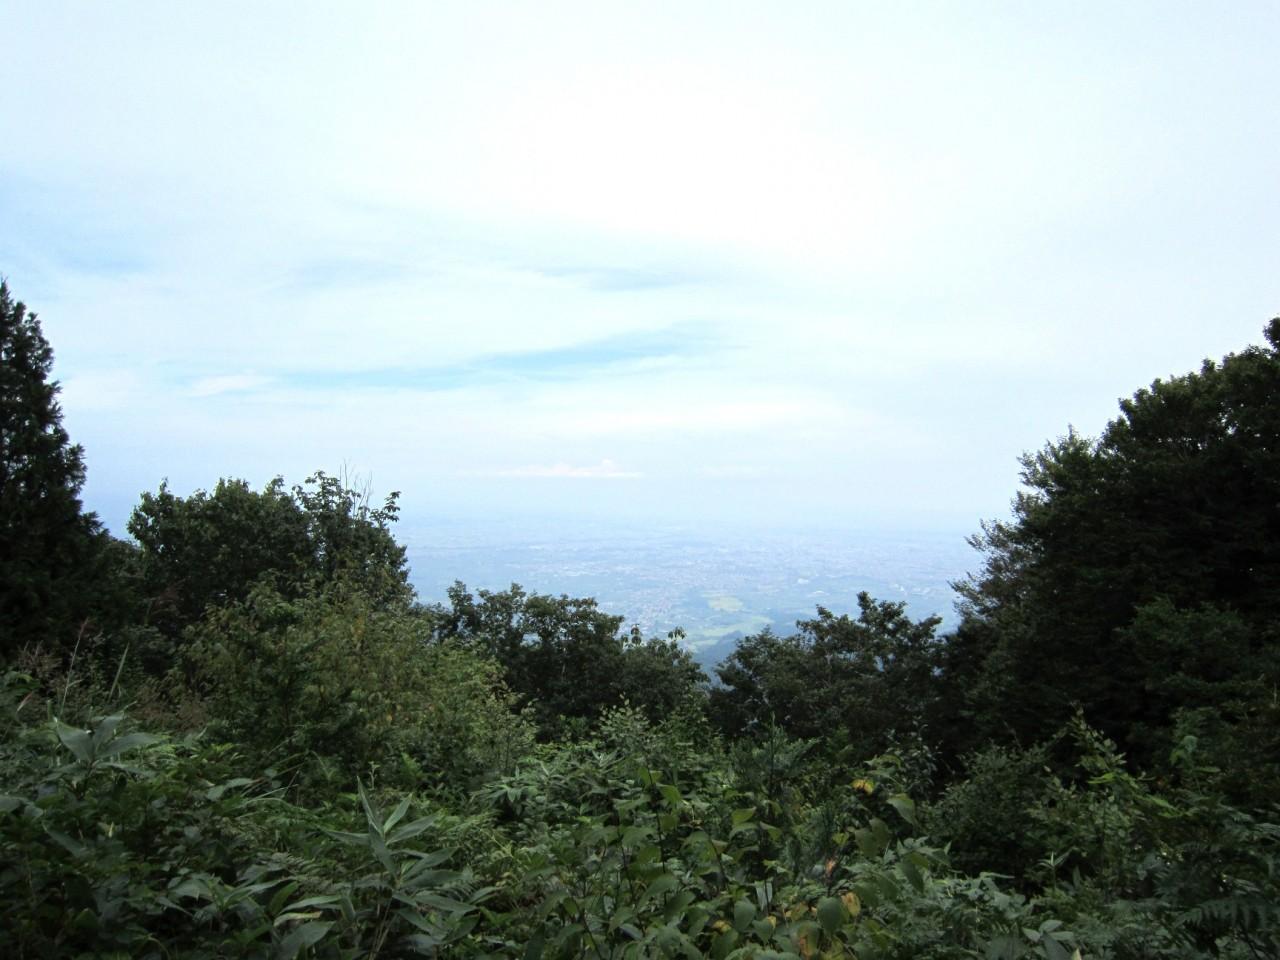 青森 風景 夏 津軽 弘前市 津軽三十三観音 久渡寺 頂上 山 自然